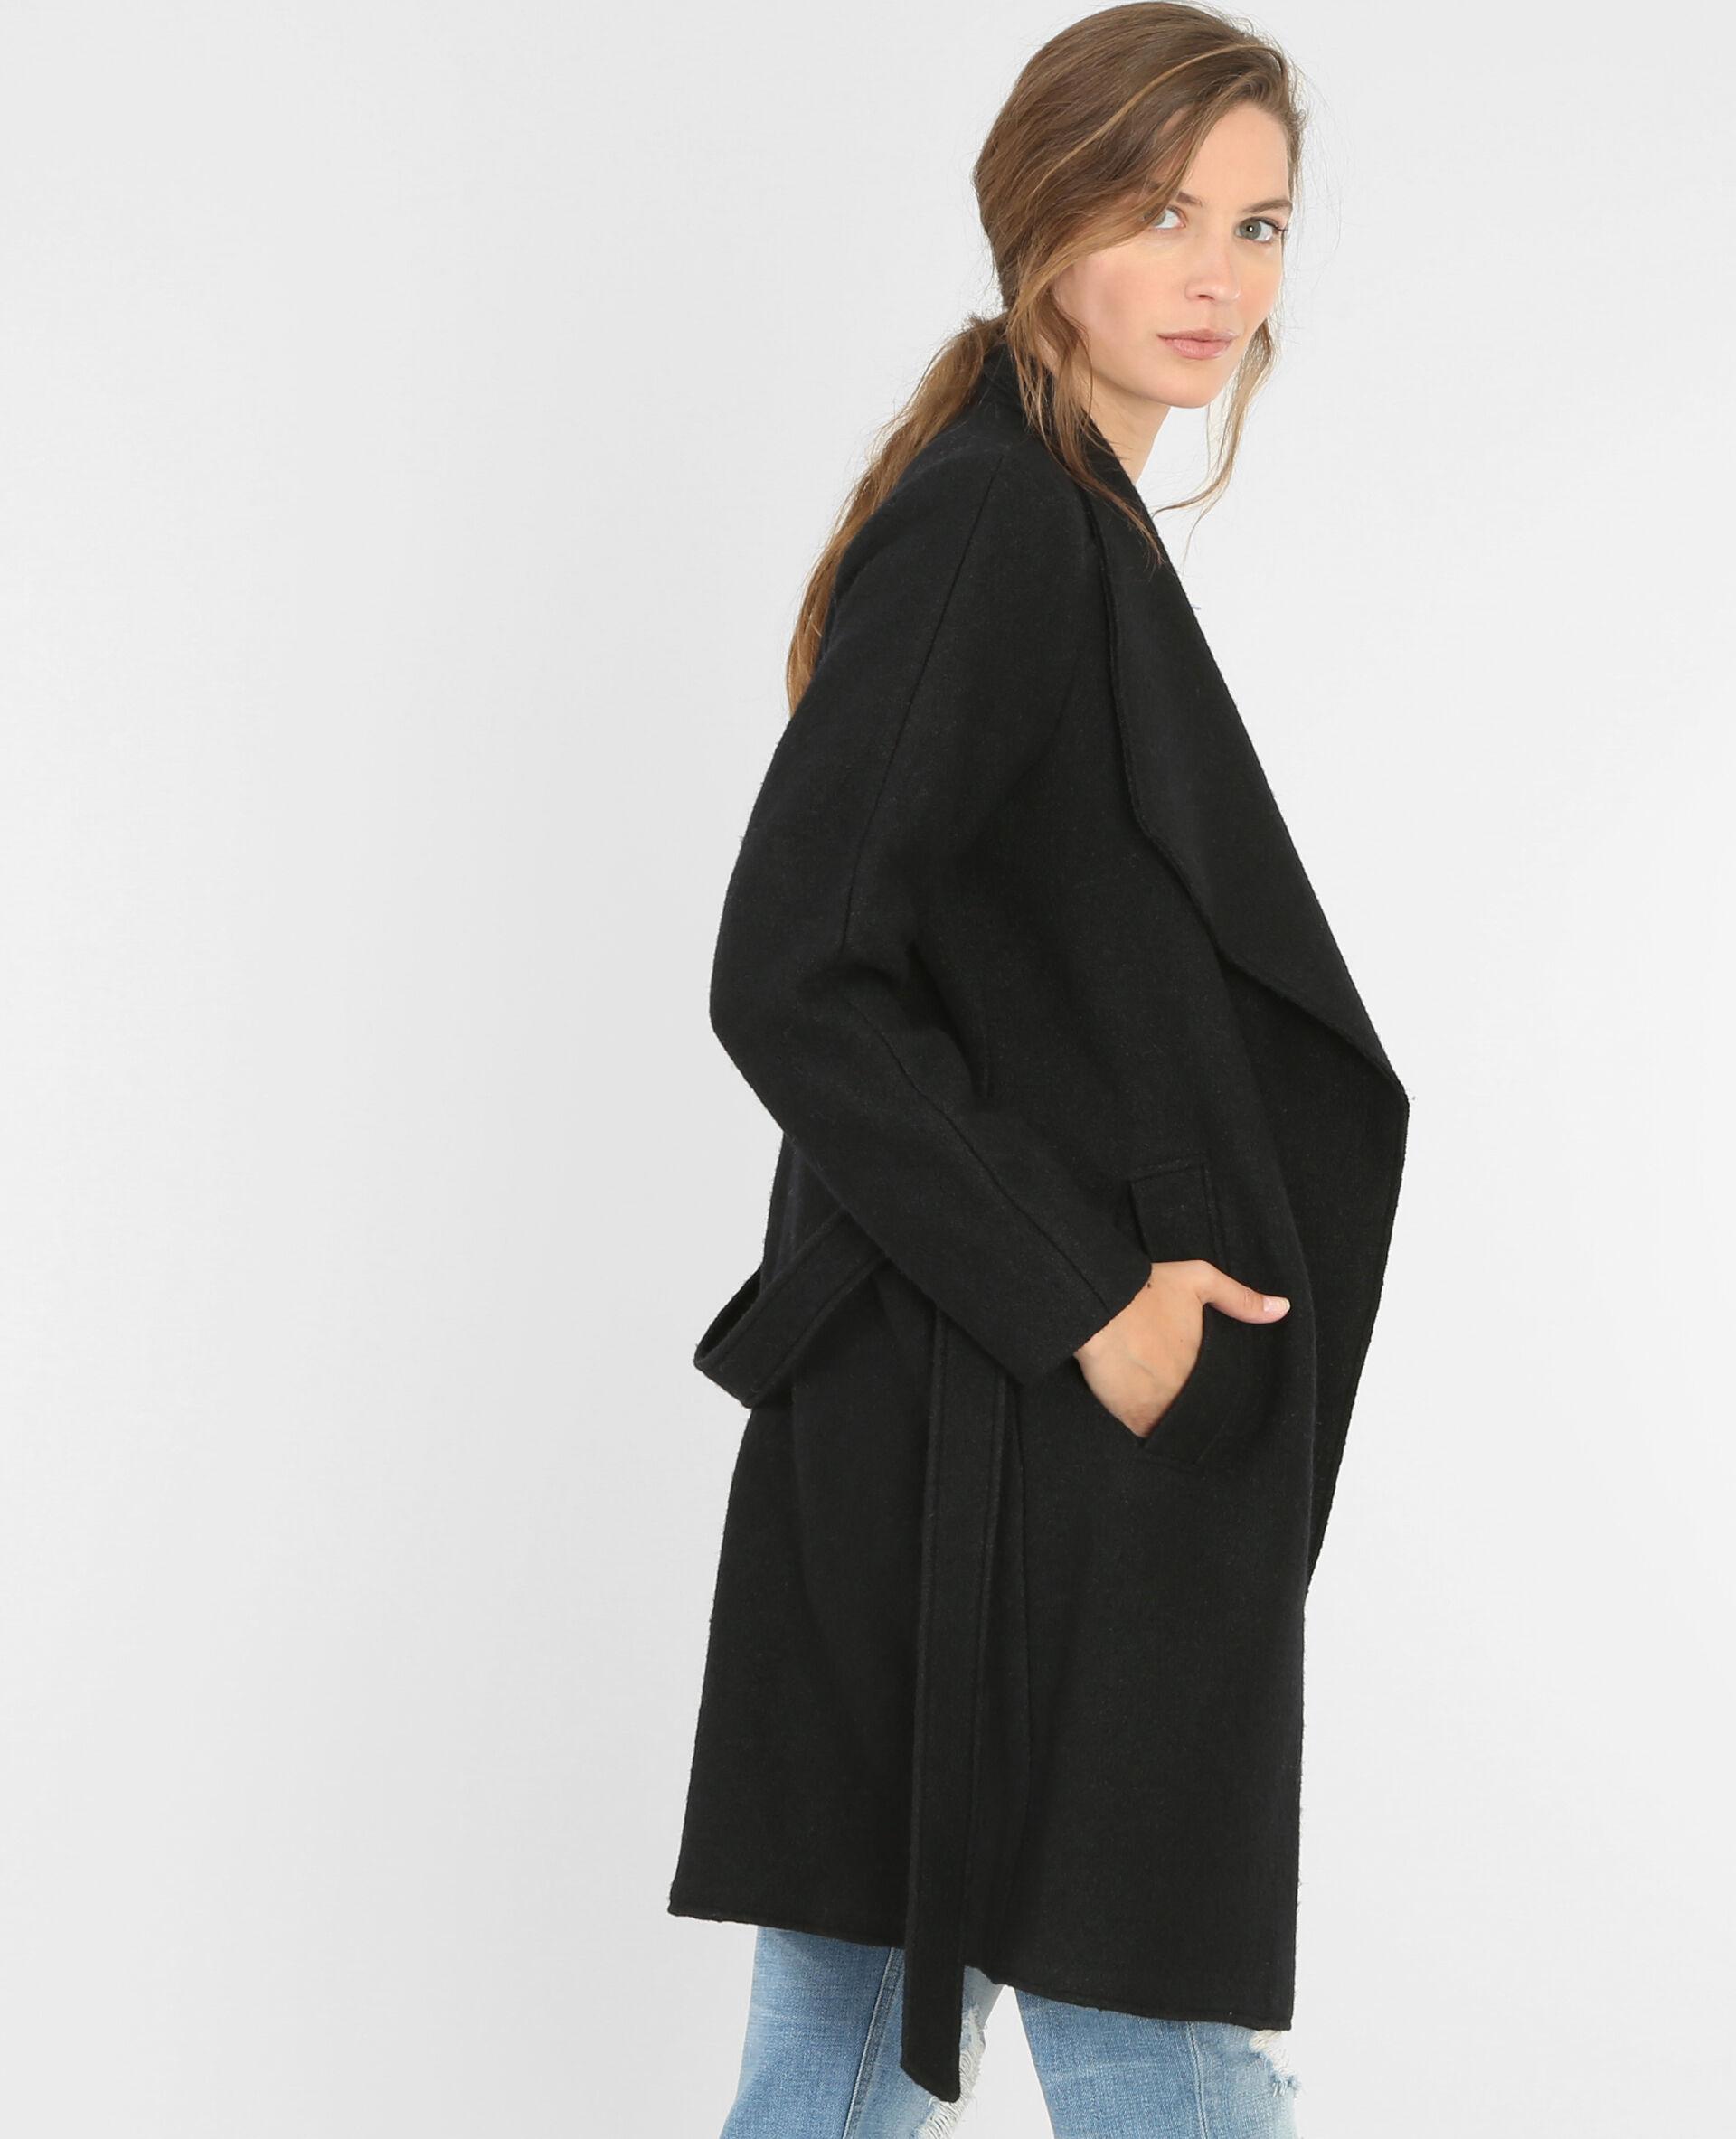 Manteau long tricot pour femme